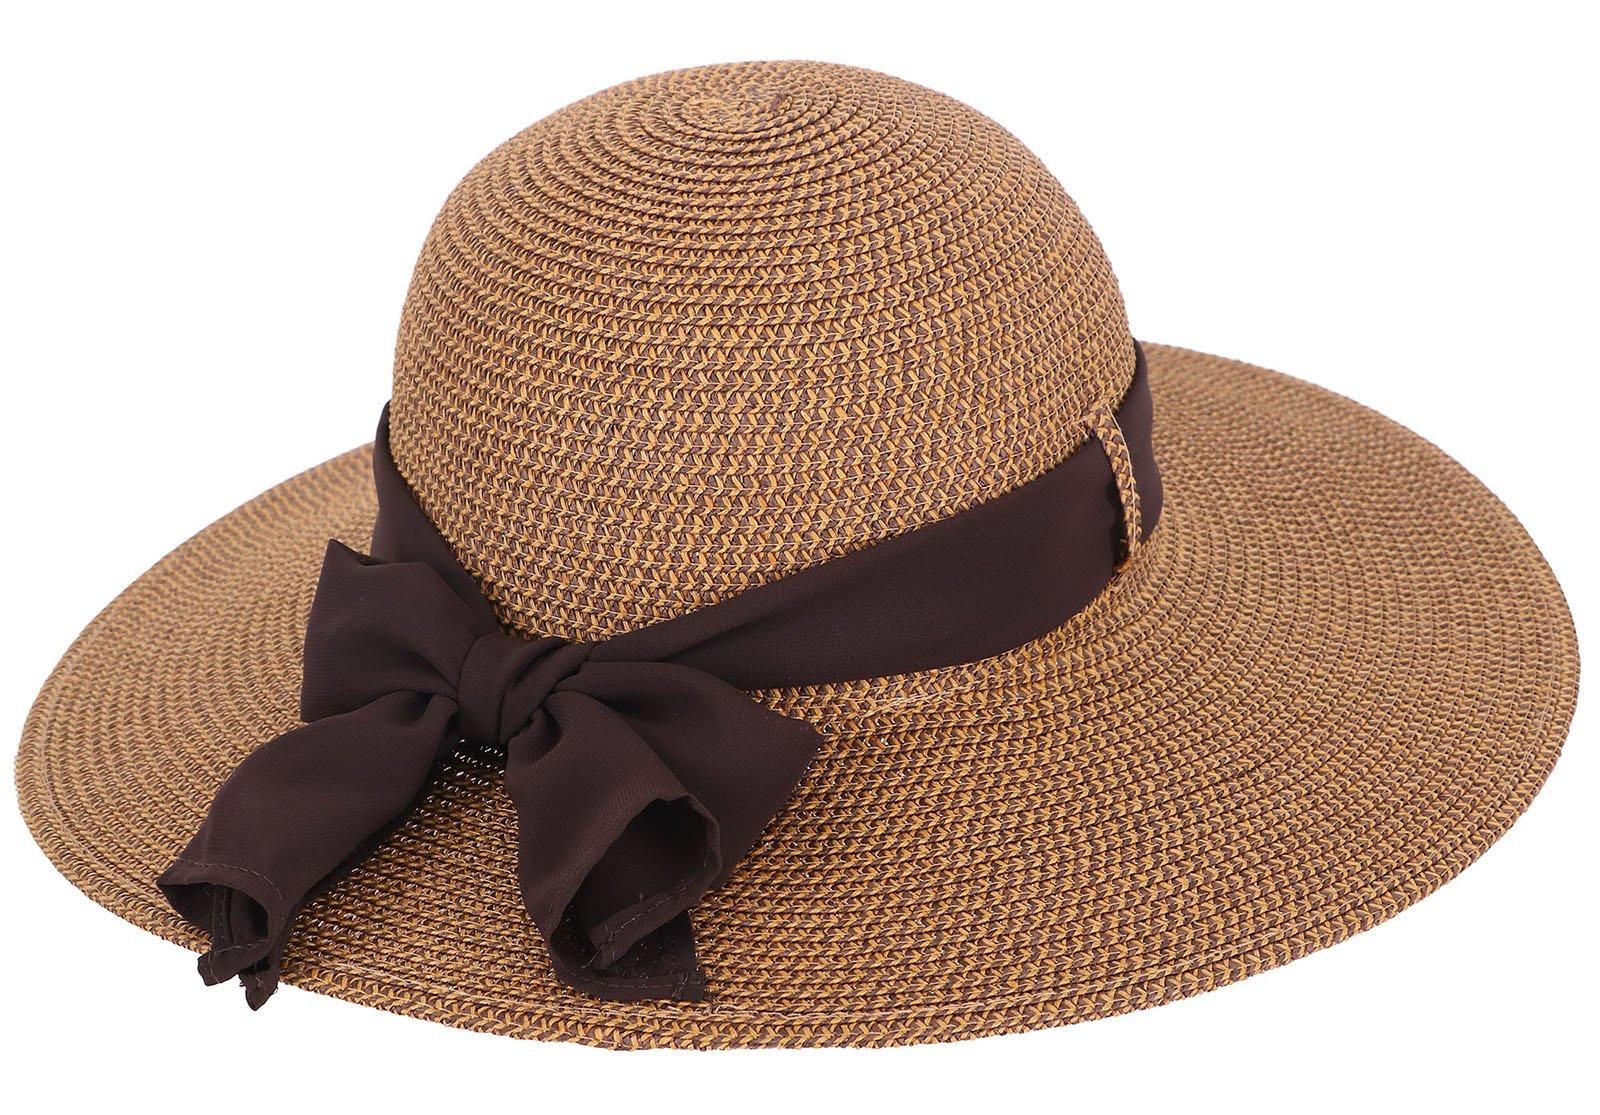 EPYA Travel Hat Women's Wide Brim Beach Straw Summer Hat with Bowtie Ribbon, Brown